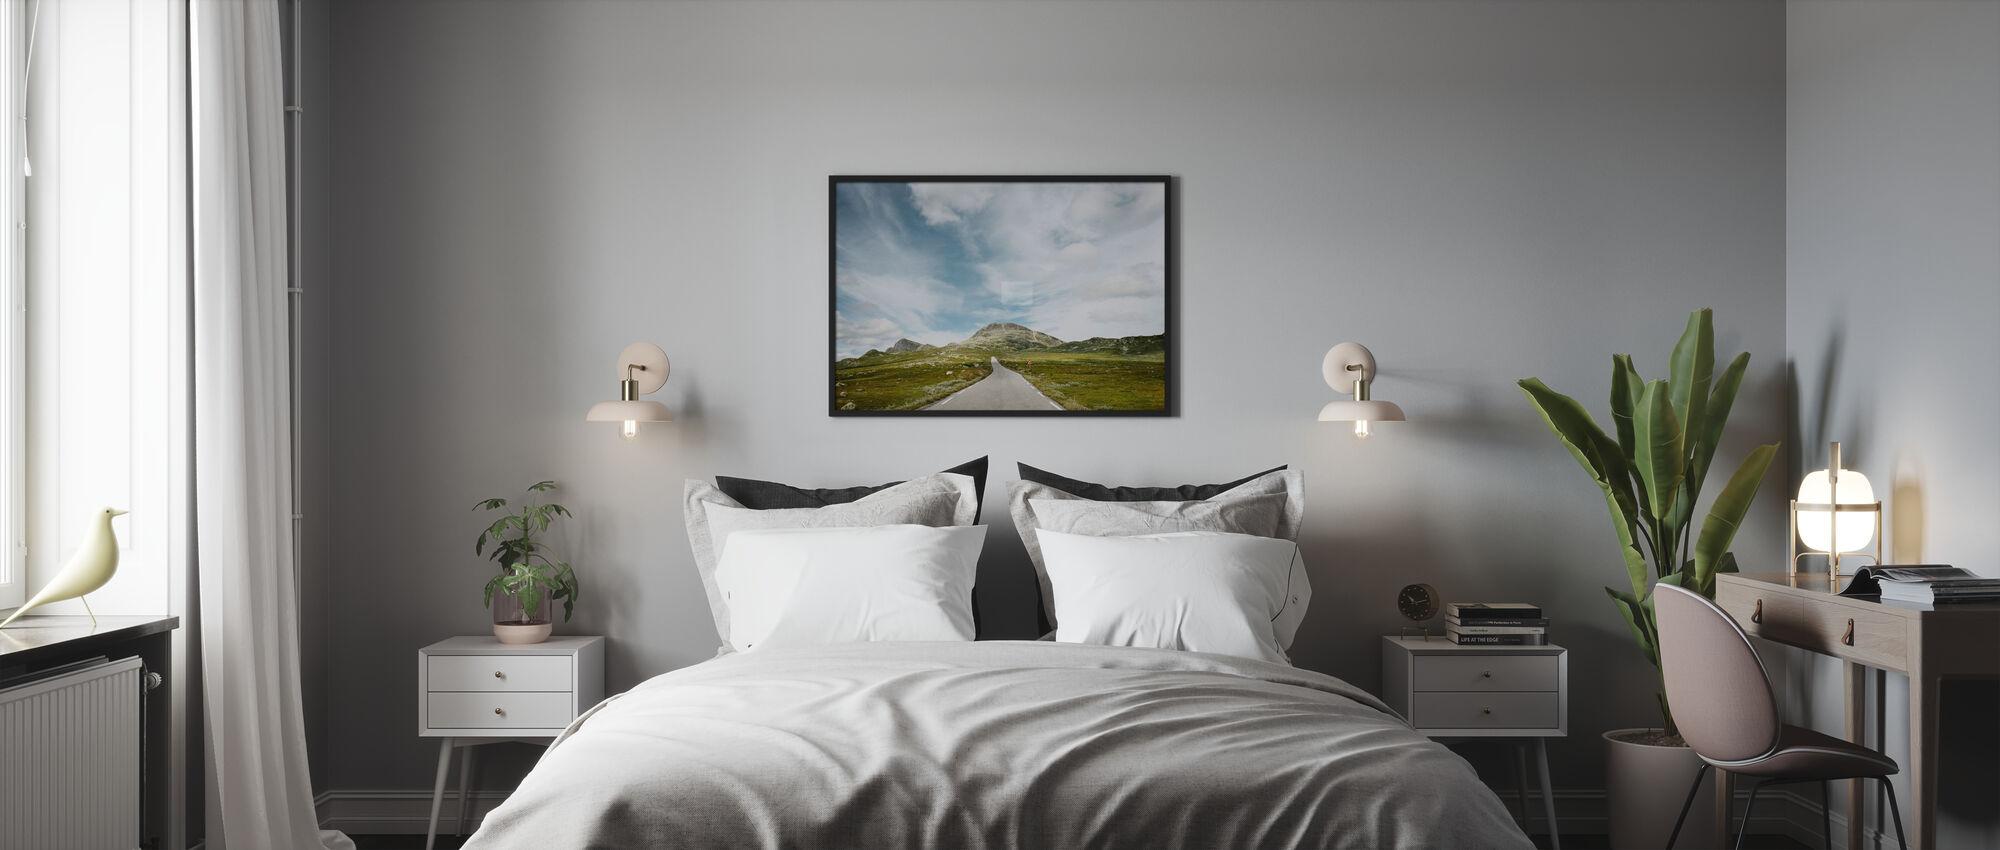 Pass Road, Norway - Poster - Bedroom